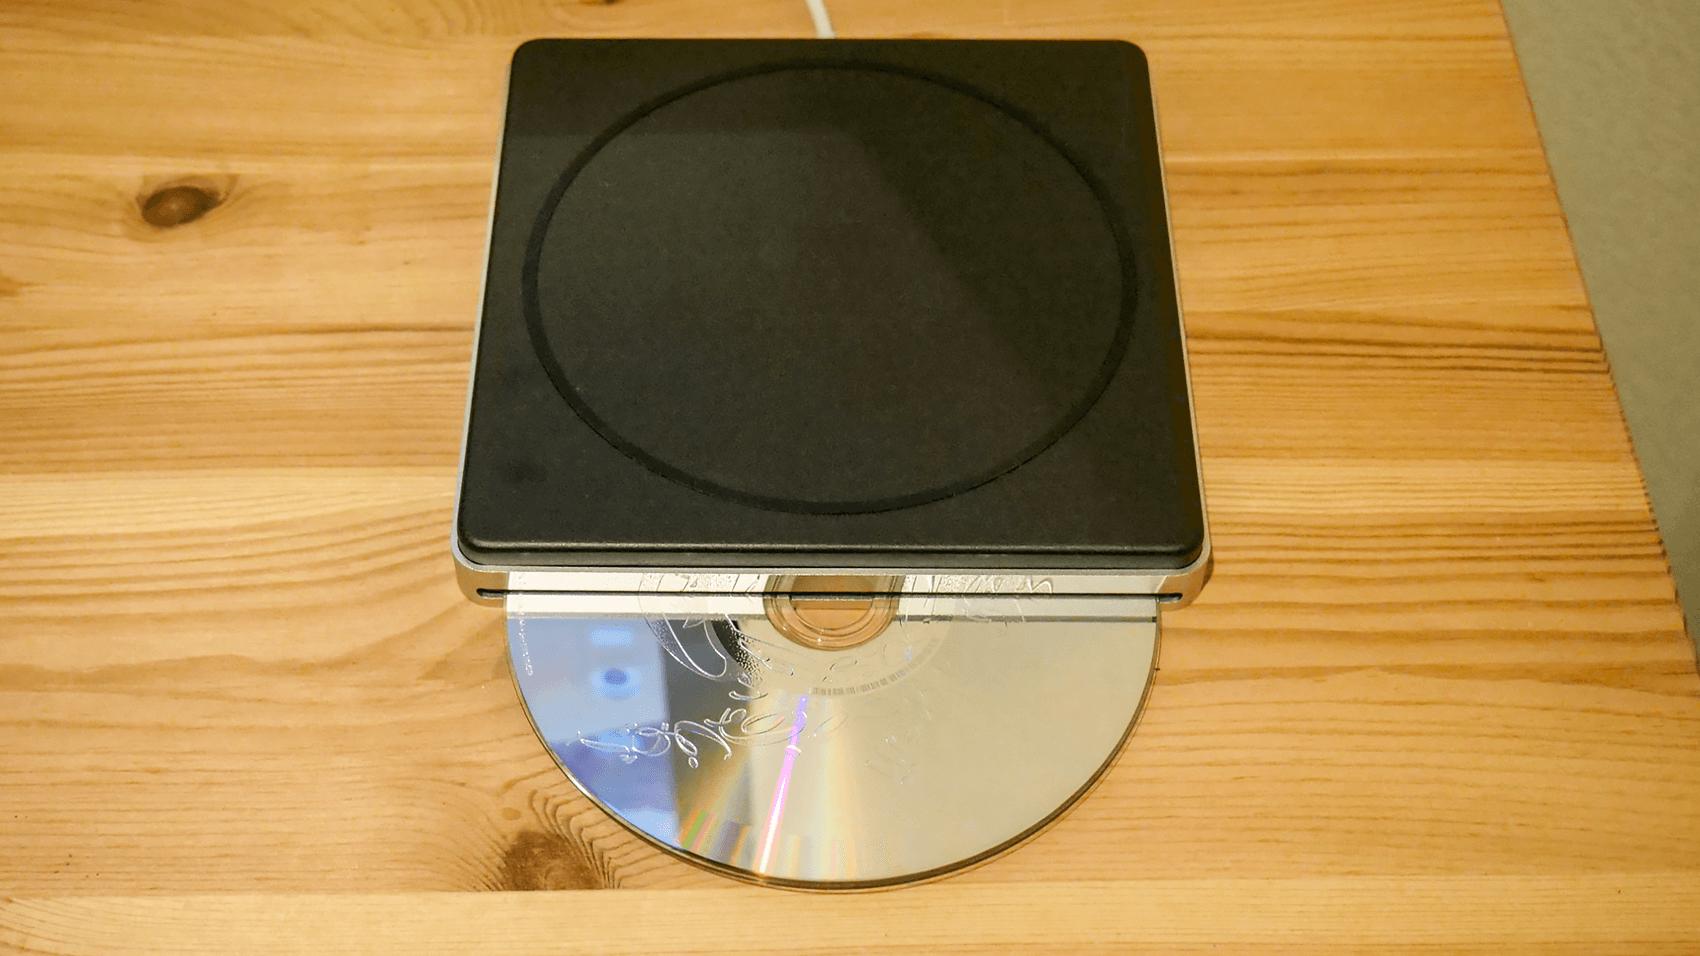 Apple USB SuperDriveからCDが吐き出される